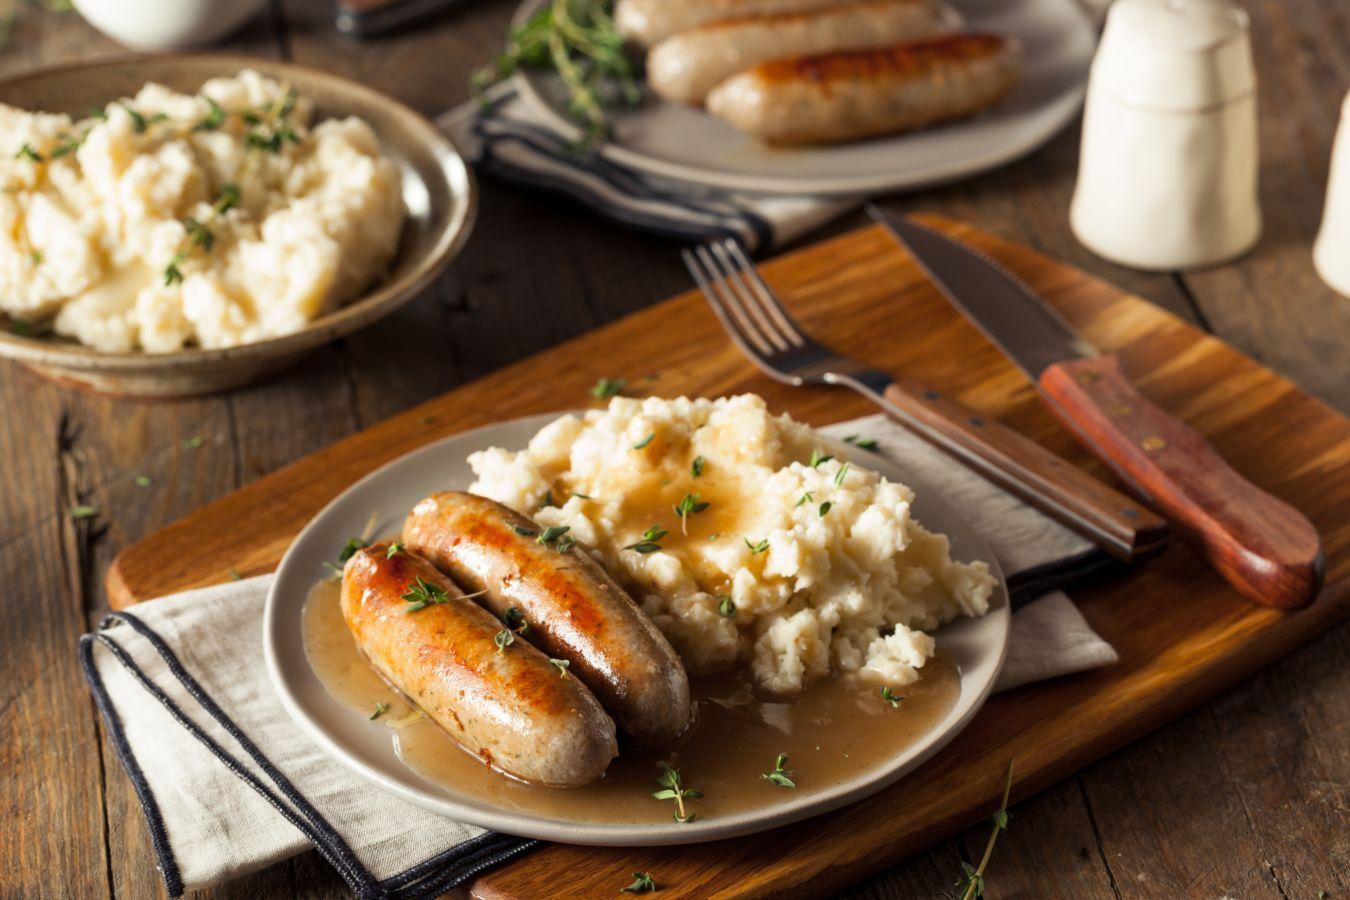 Bangers & mash: este plato tradicional de la clase obrera británica se ganó su apodo durante las dos Guerra Mundiales. Te lo cuento en este artículo | Gastronomadistas